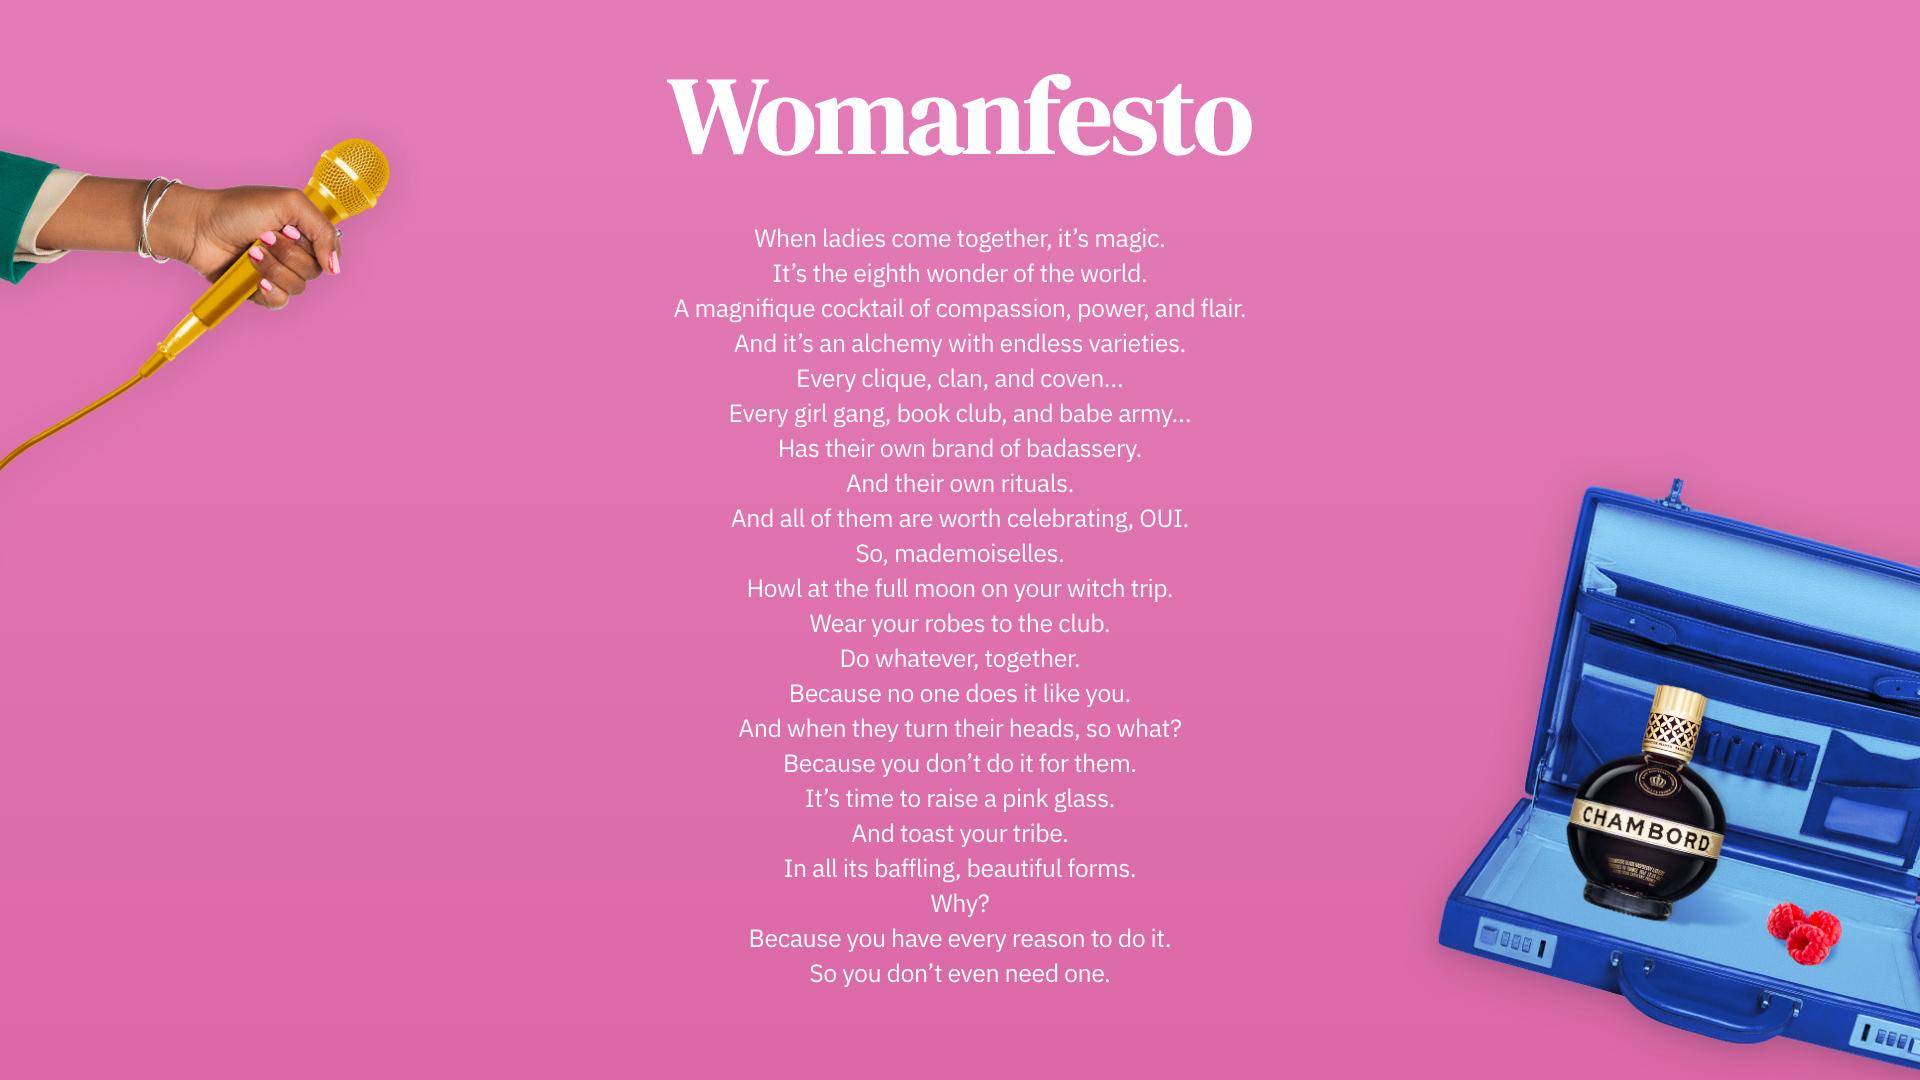 Chambord Womanfesto